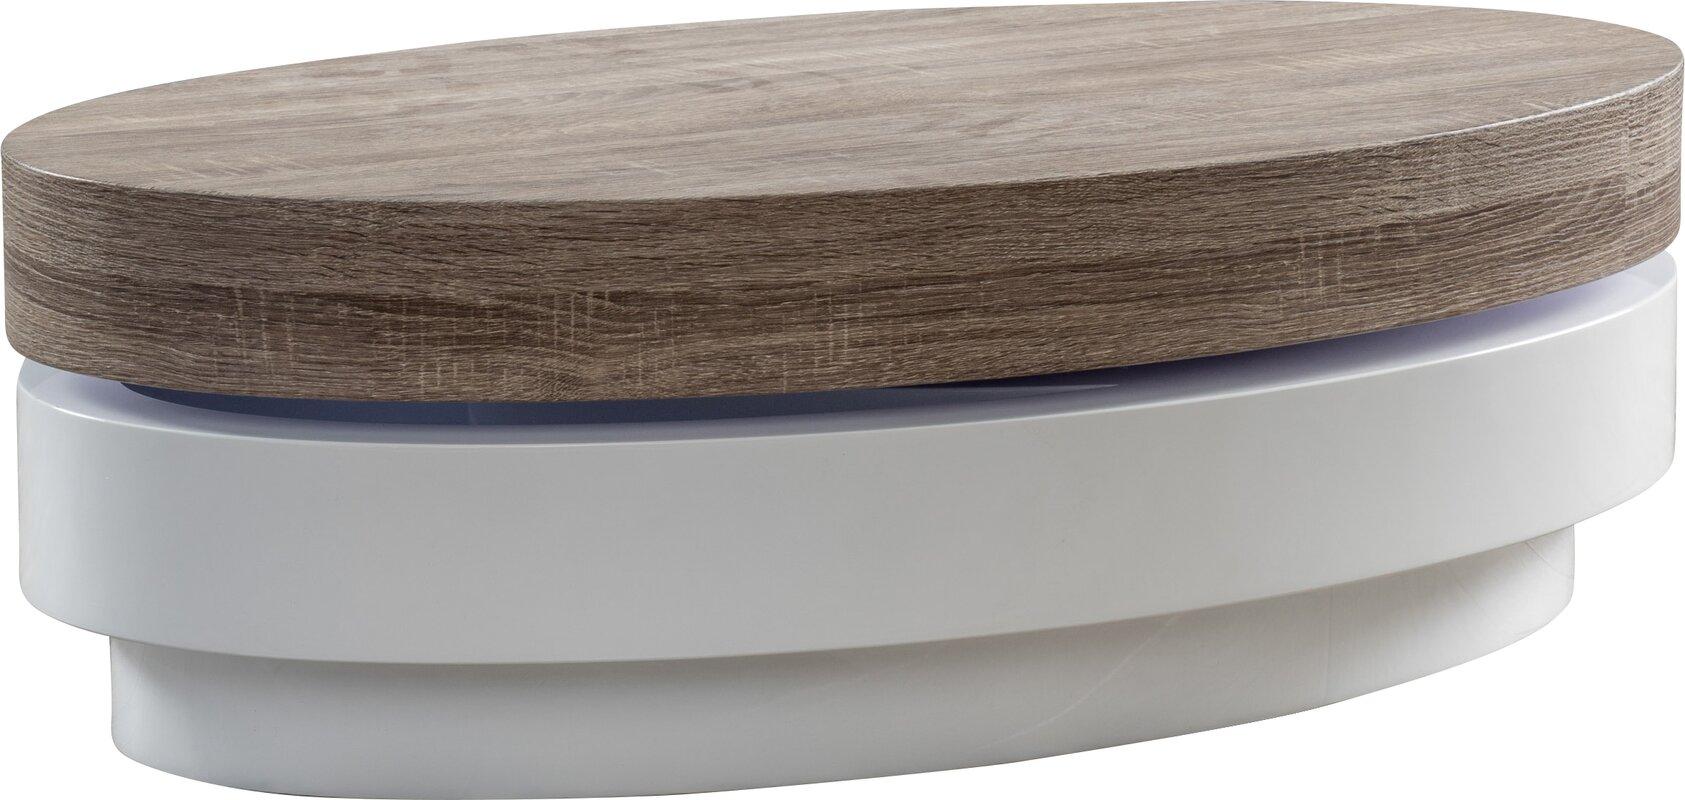 Noblehouse couchtisch broads mit stauraum bewertungen for Designer couchtisch mit stauraum